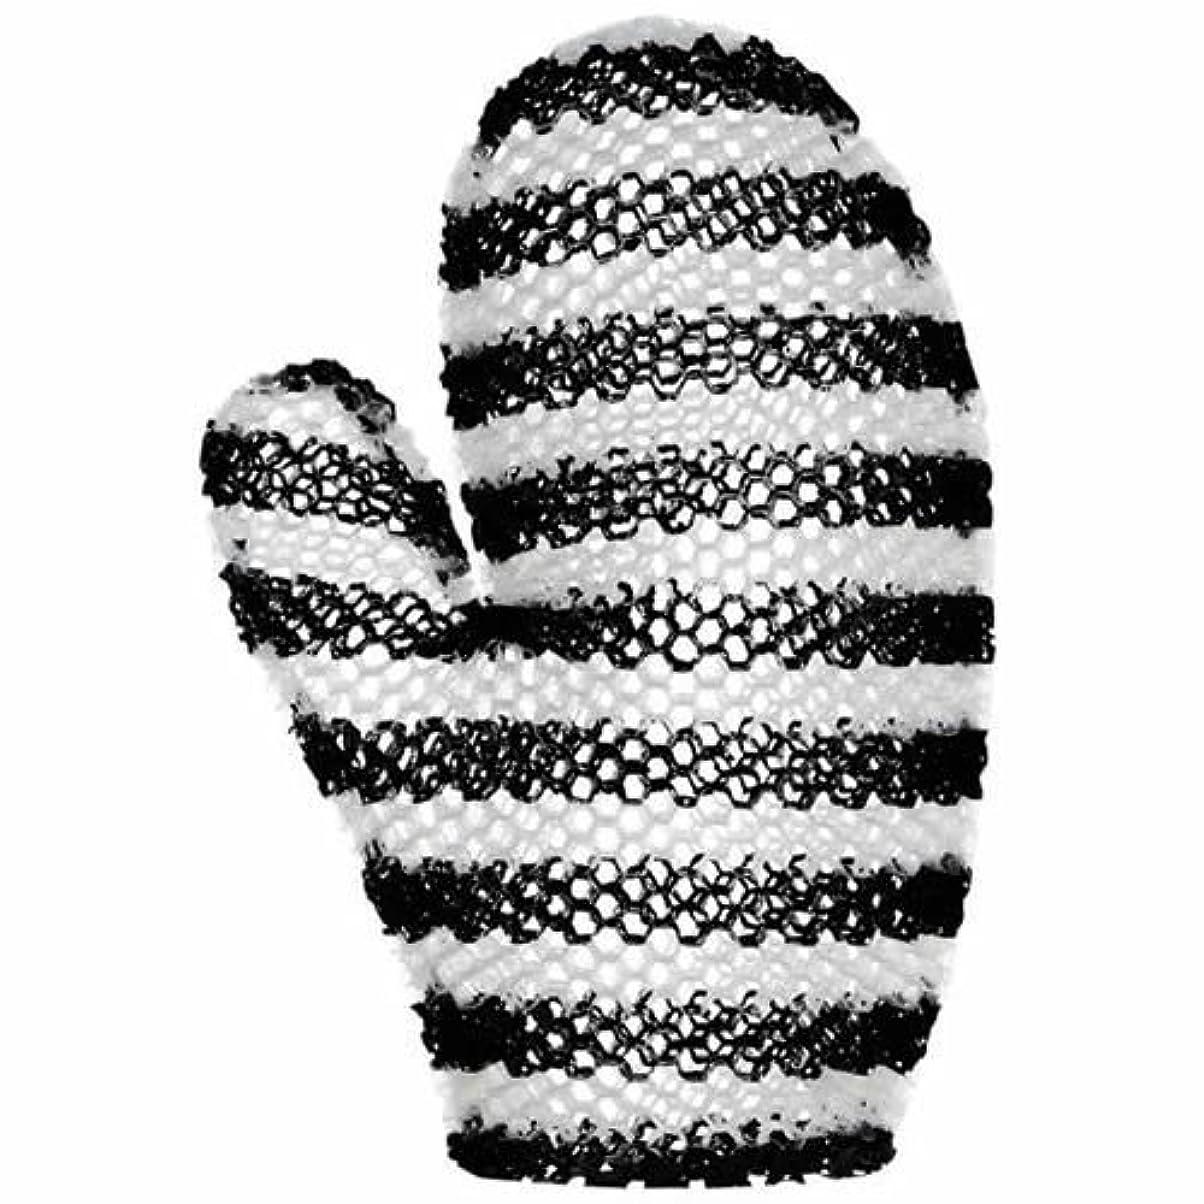 軍艦曲線確率スプラコール ハニカム(ミット) ブラック&ホワイト